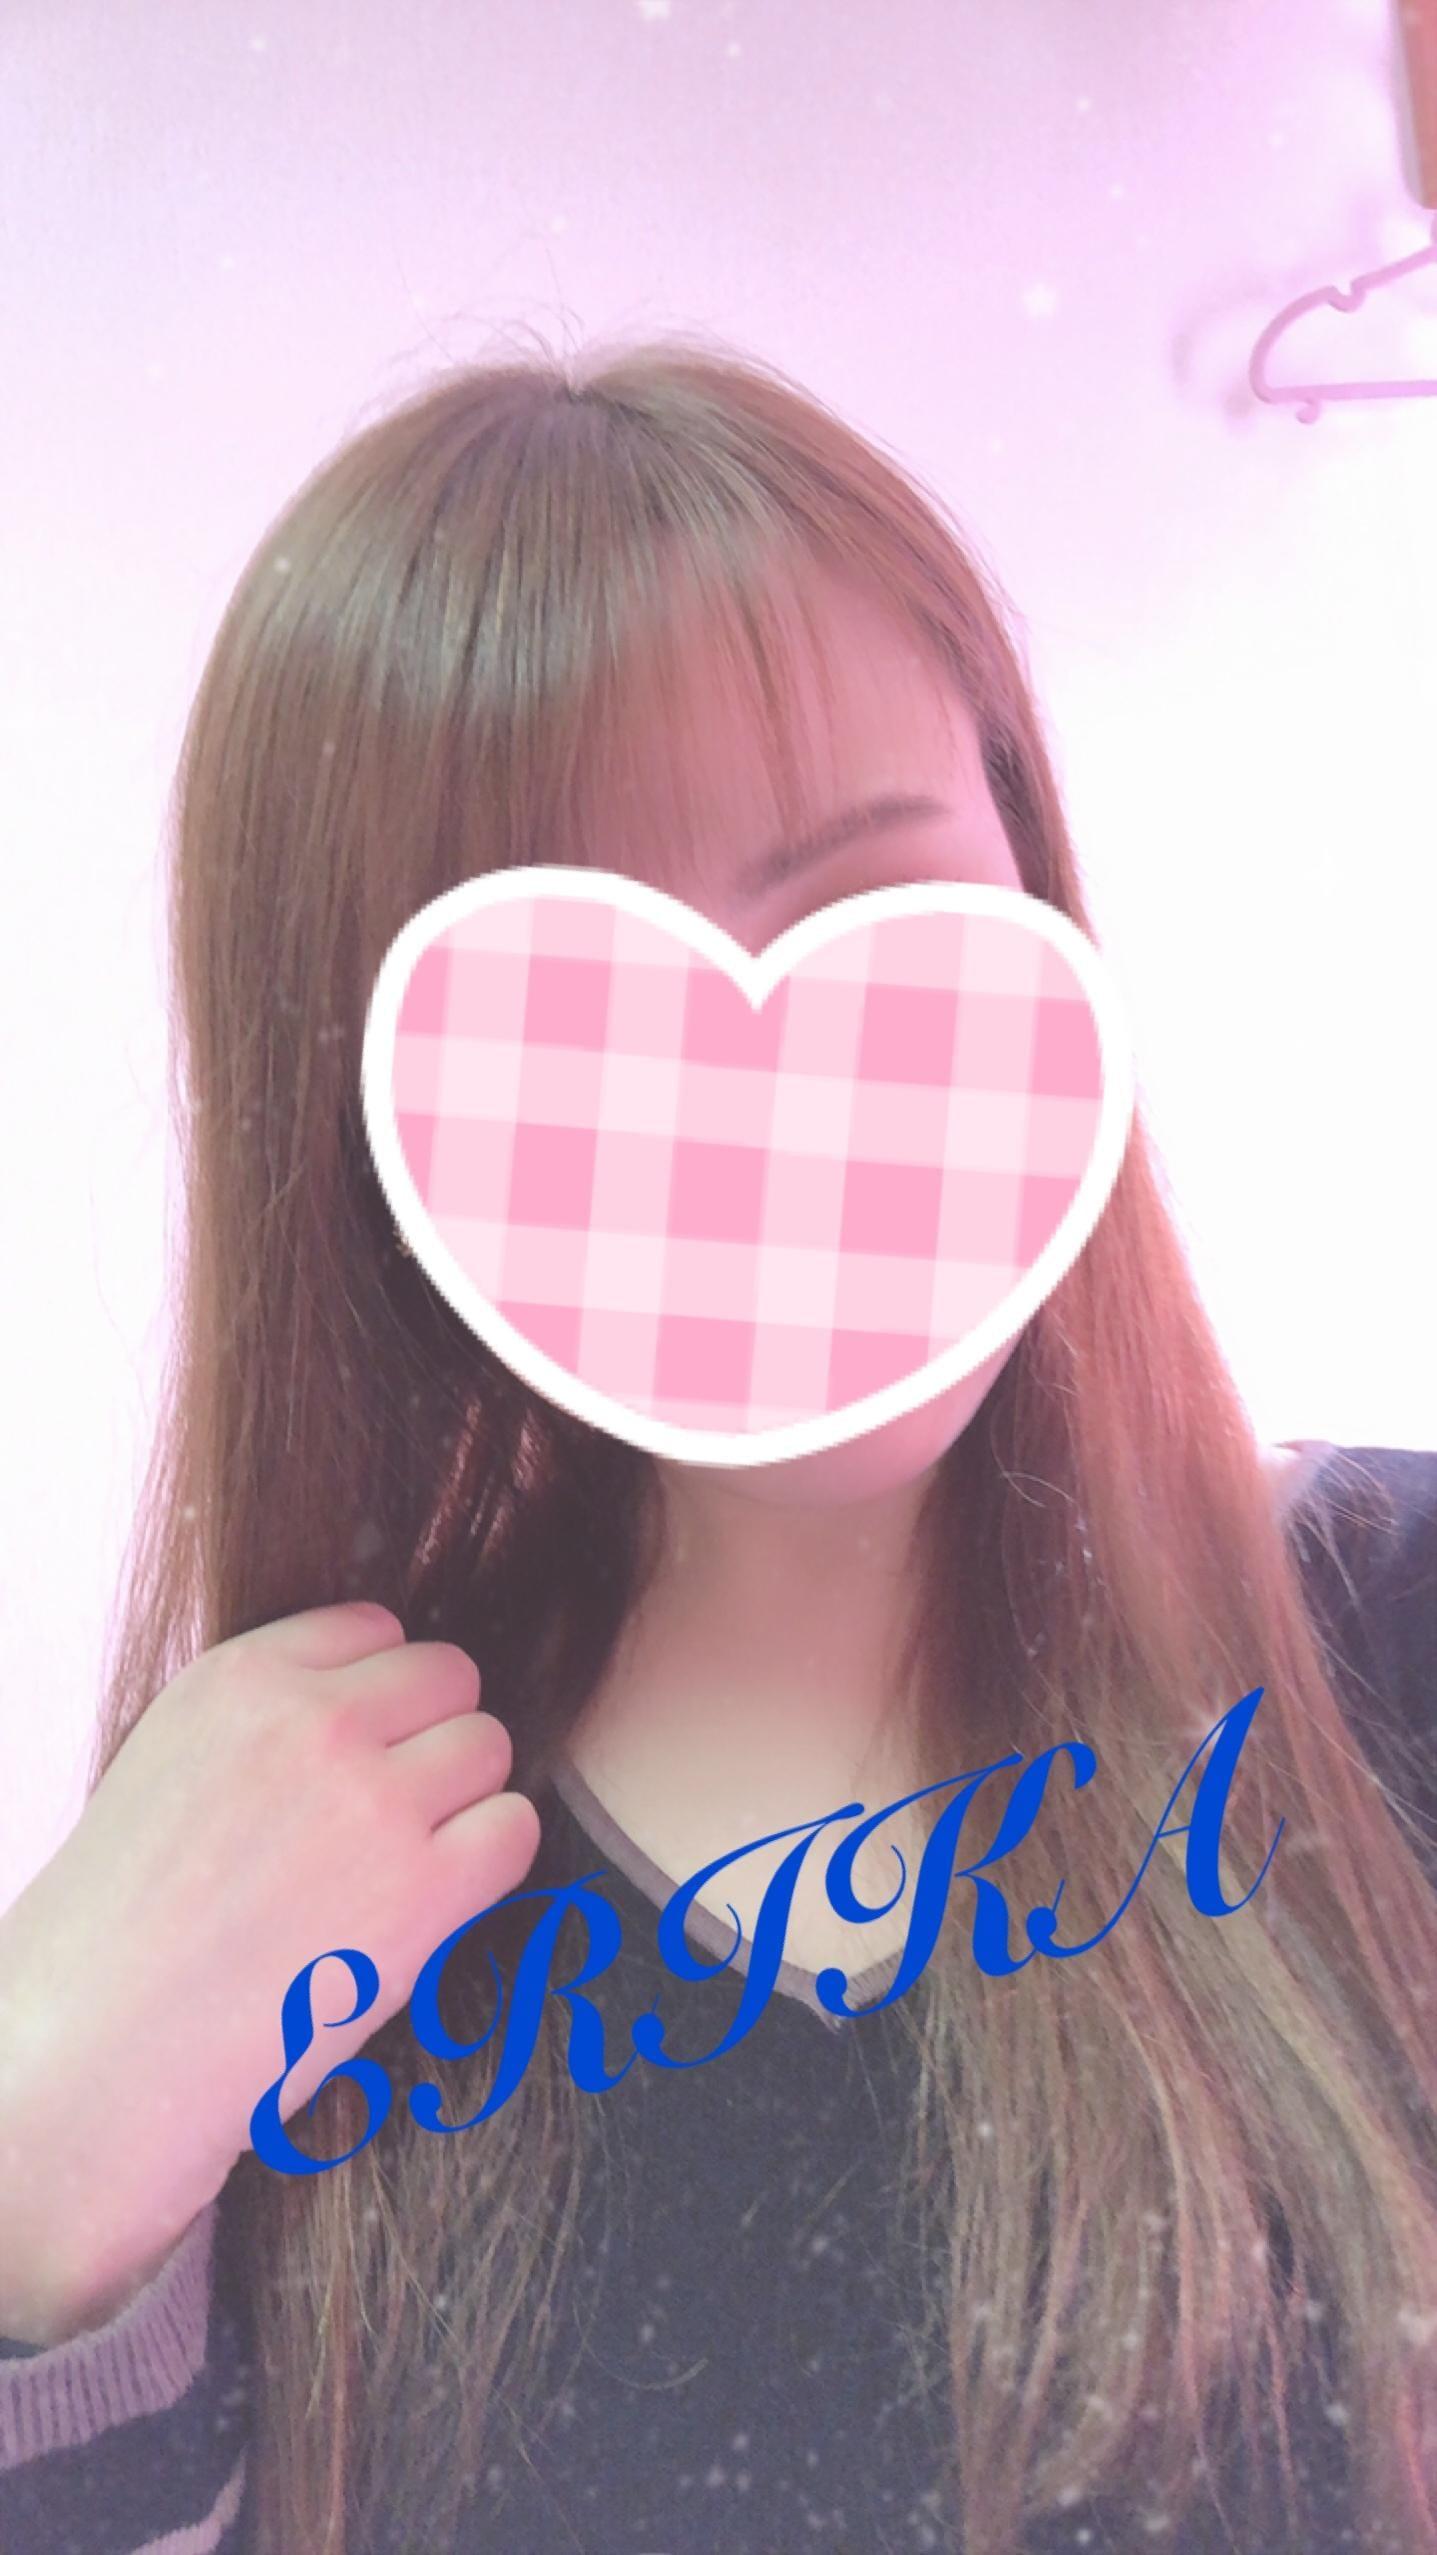 「( * ॑꒳ ॑* )」01/12(01/12) 13:07 | えりかの写メ・風俗動画